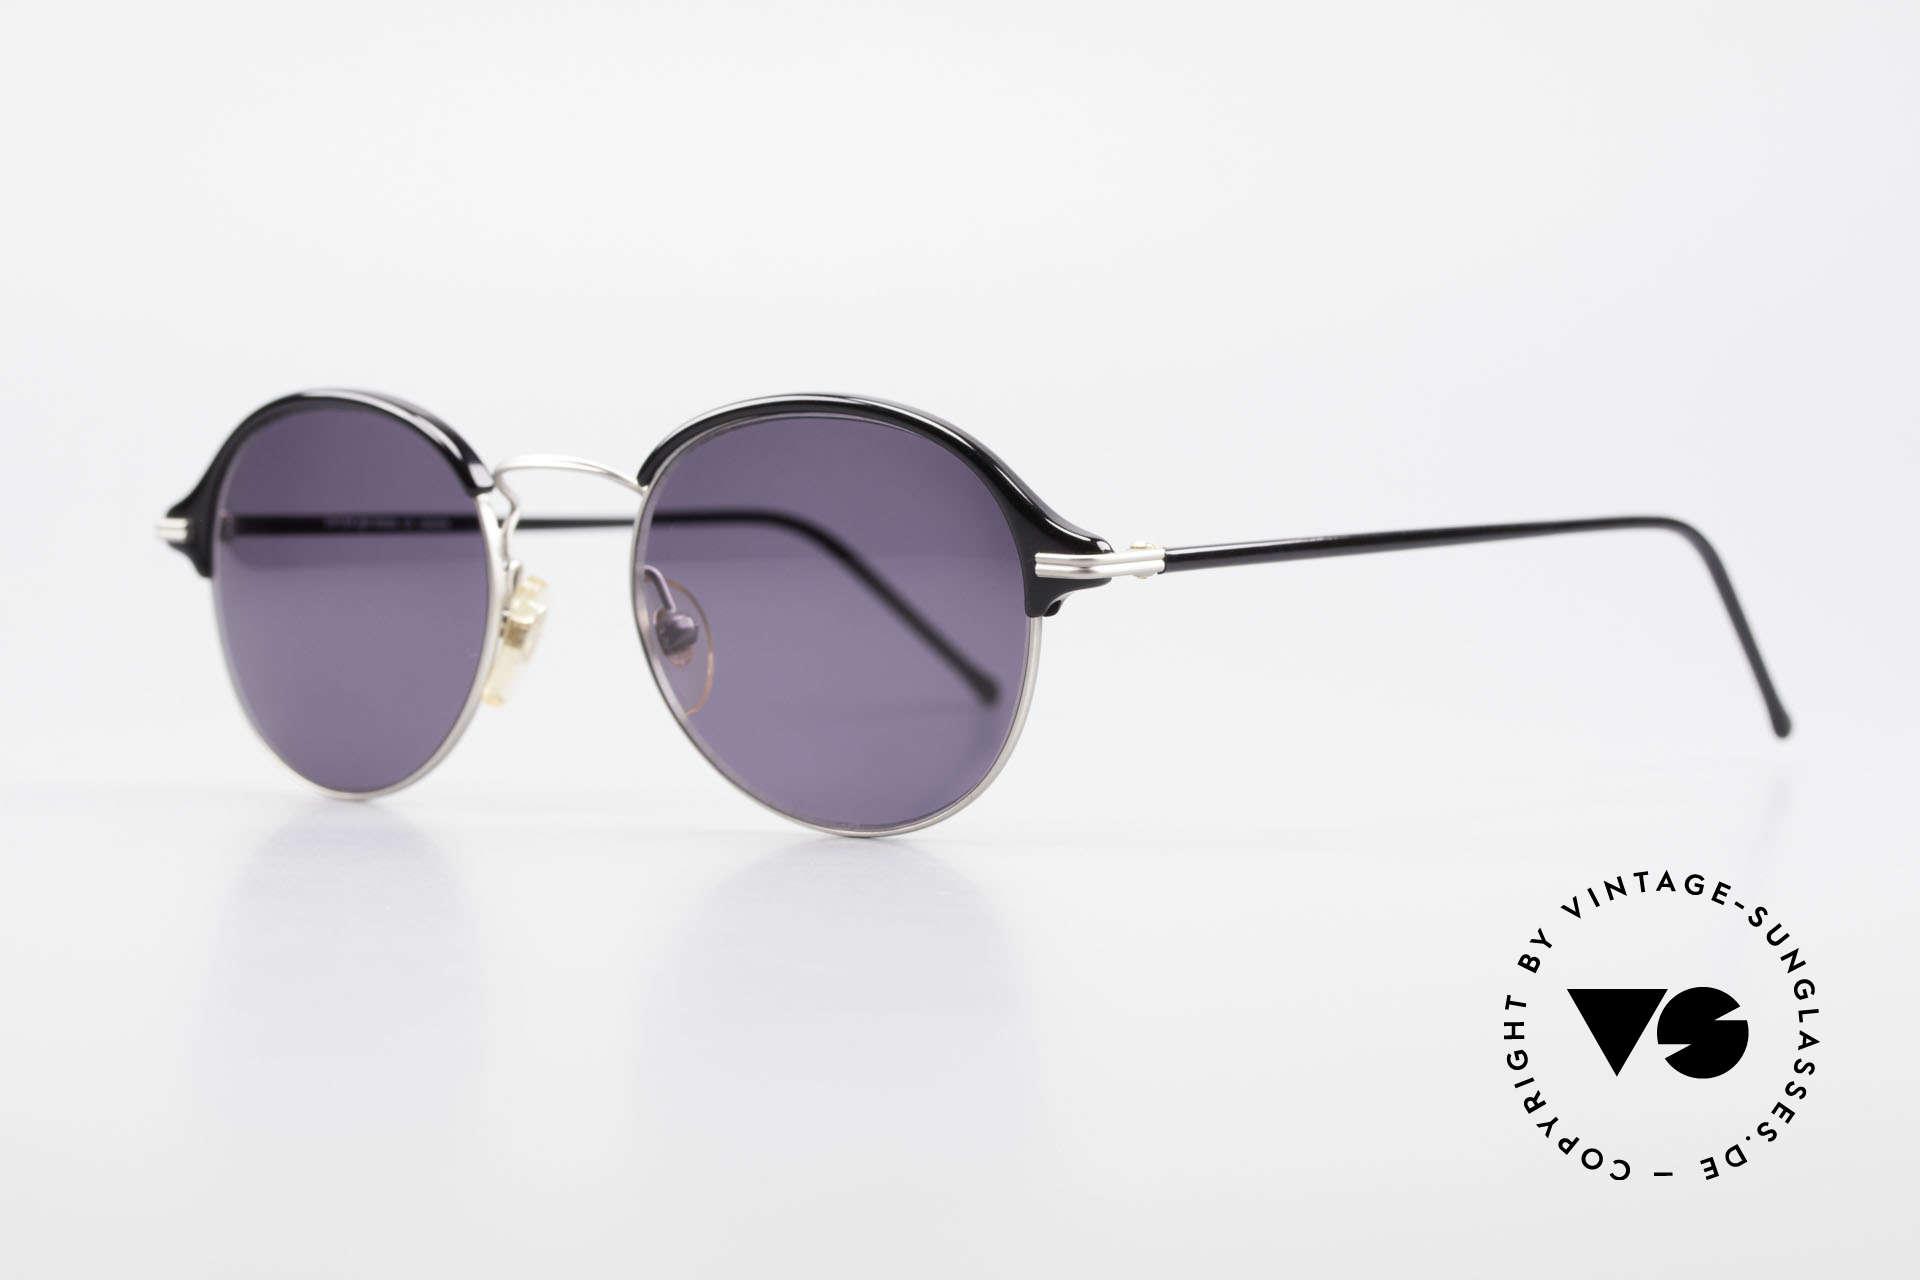 Cutler And Gross 0374 Pantobrille Mit Windsorringen, stilvoll & unverwechselbar; auch ohne pompöse Logos, Passend für Herren und Damen